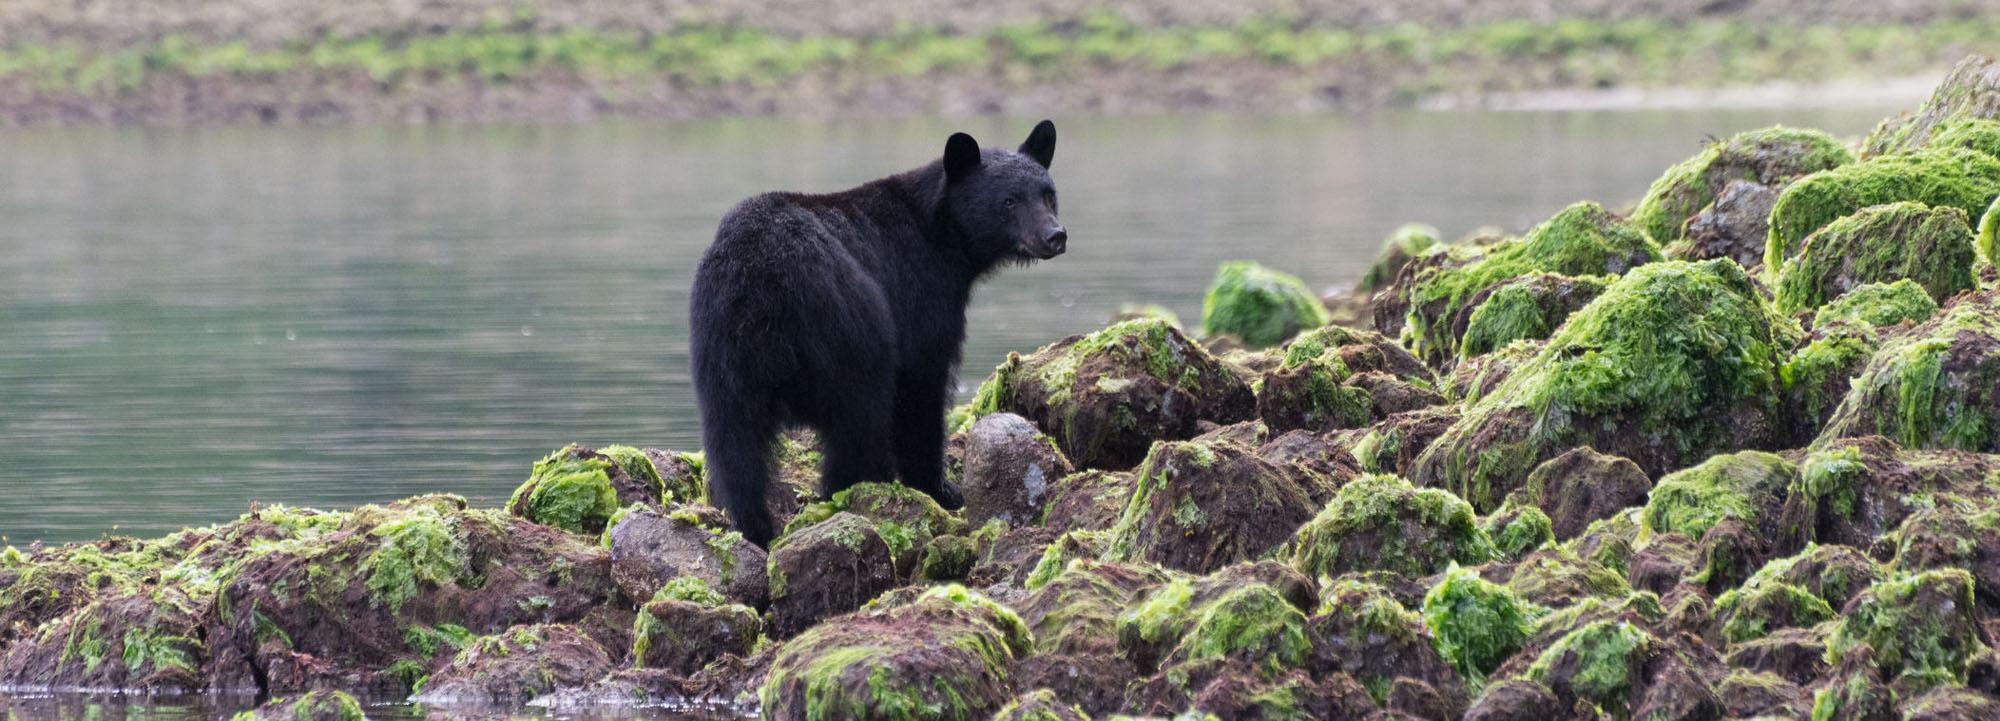 The Great Black Bear Safari